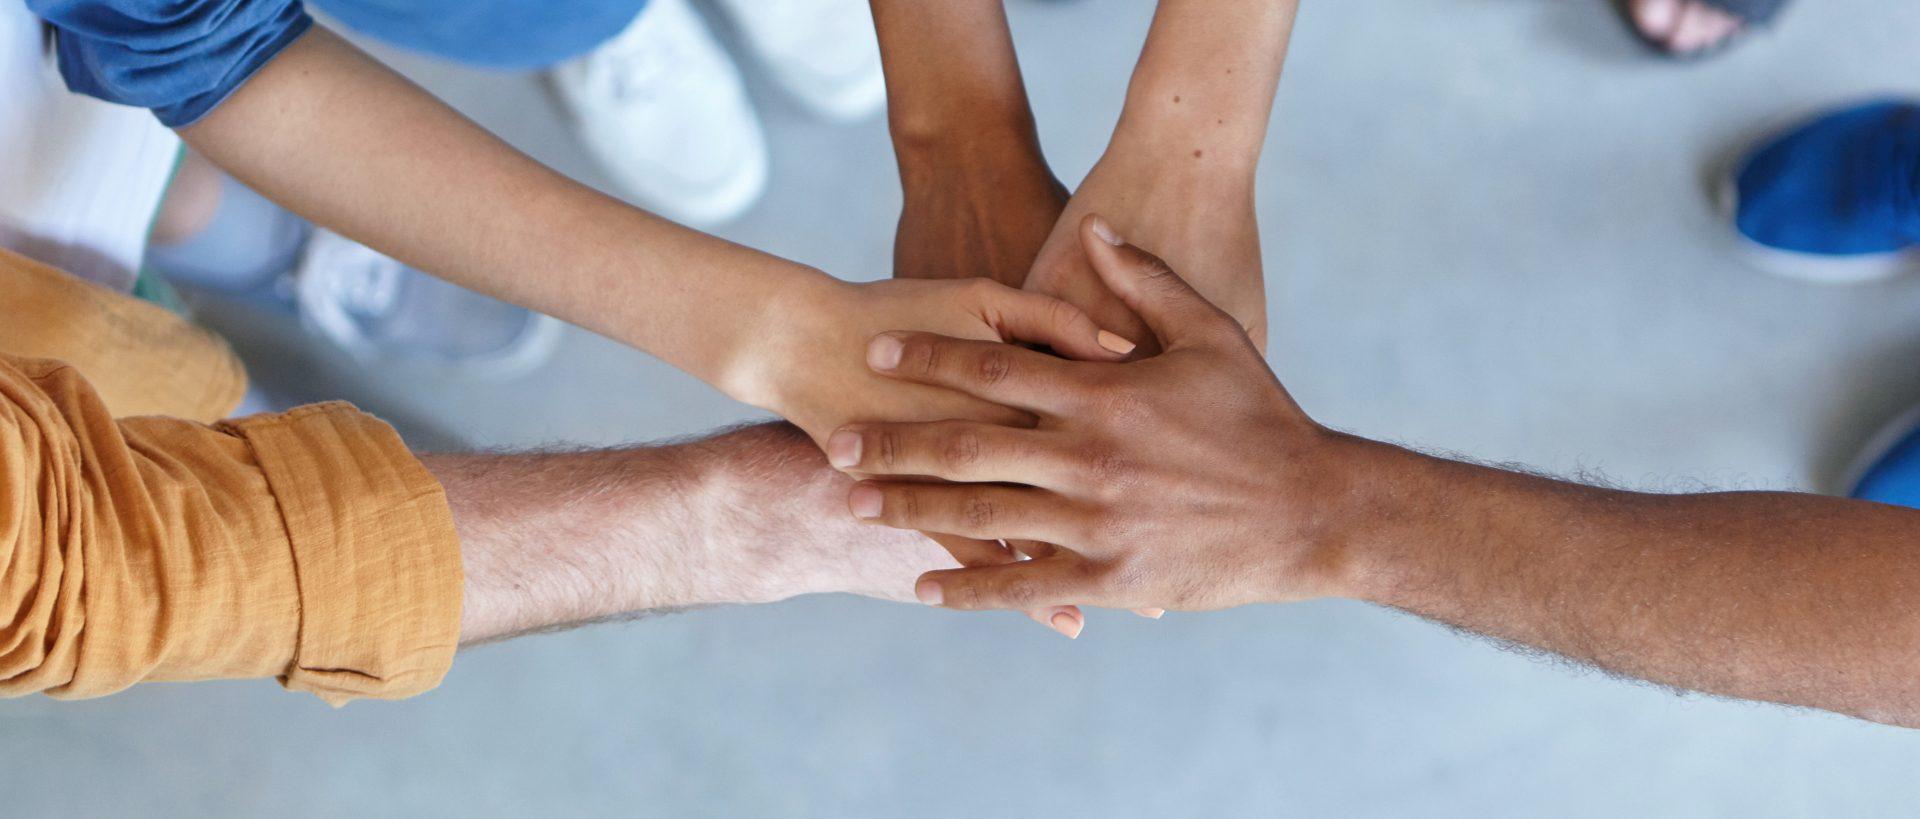 Lazer e aprendizado de mãos dadas